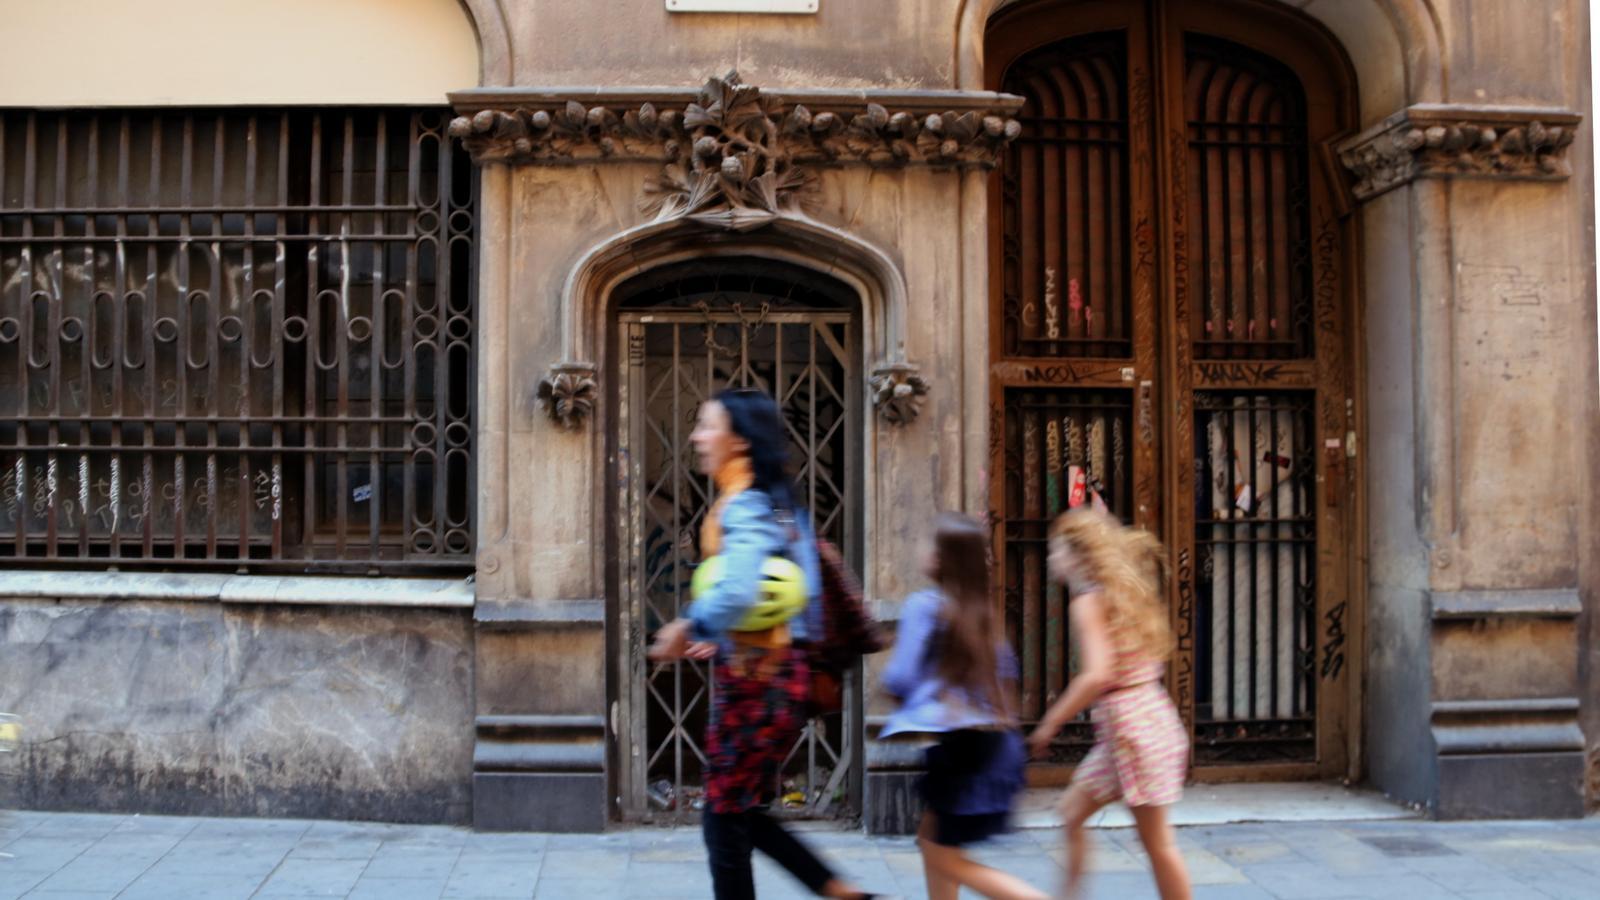 L'Ajuntament de Barcelona descartarà definitivament aquest mes l'Hotel del Palau de la Música